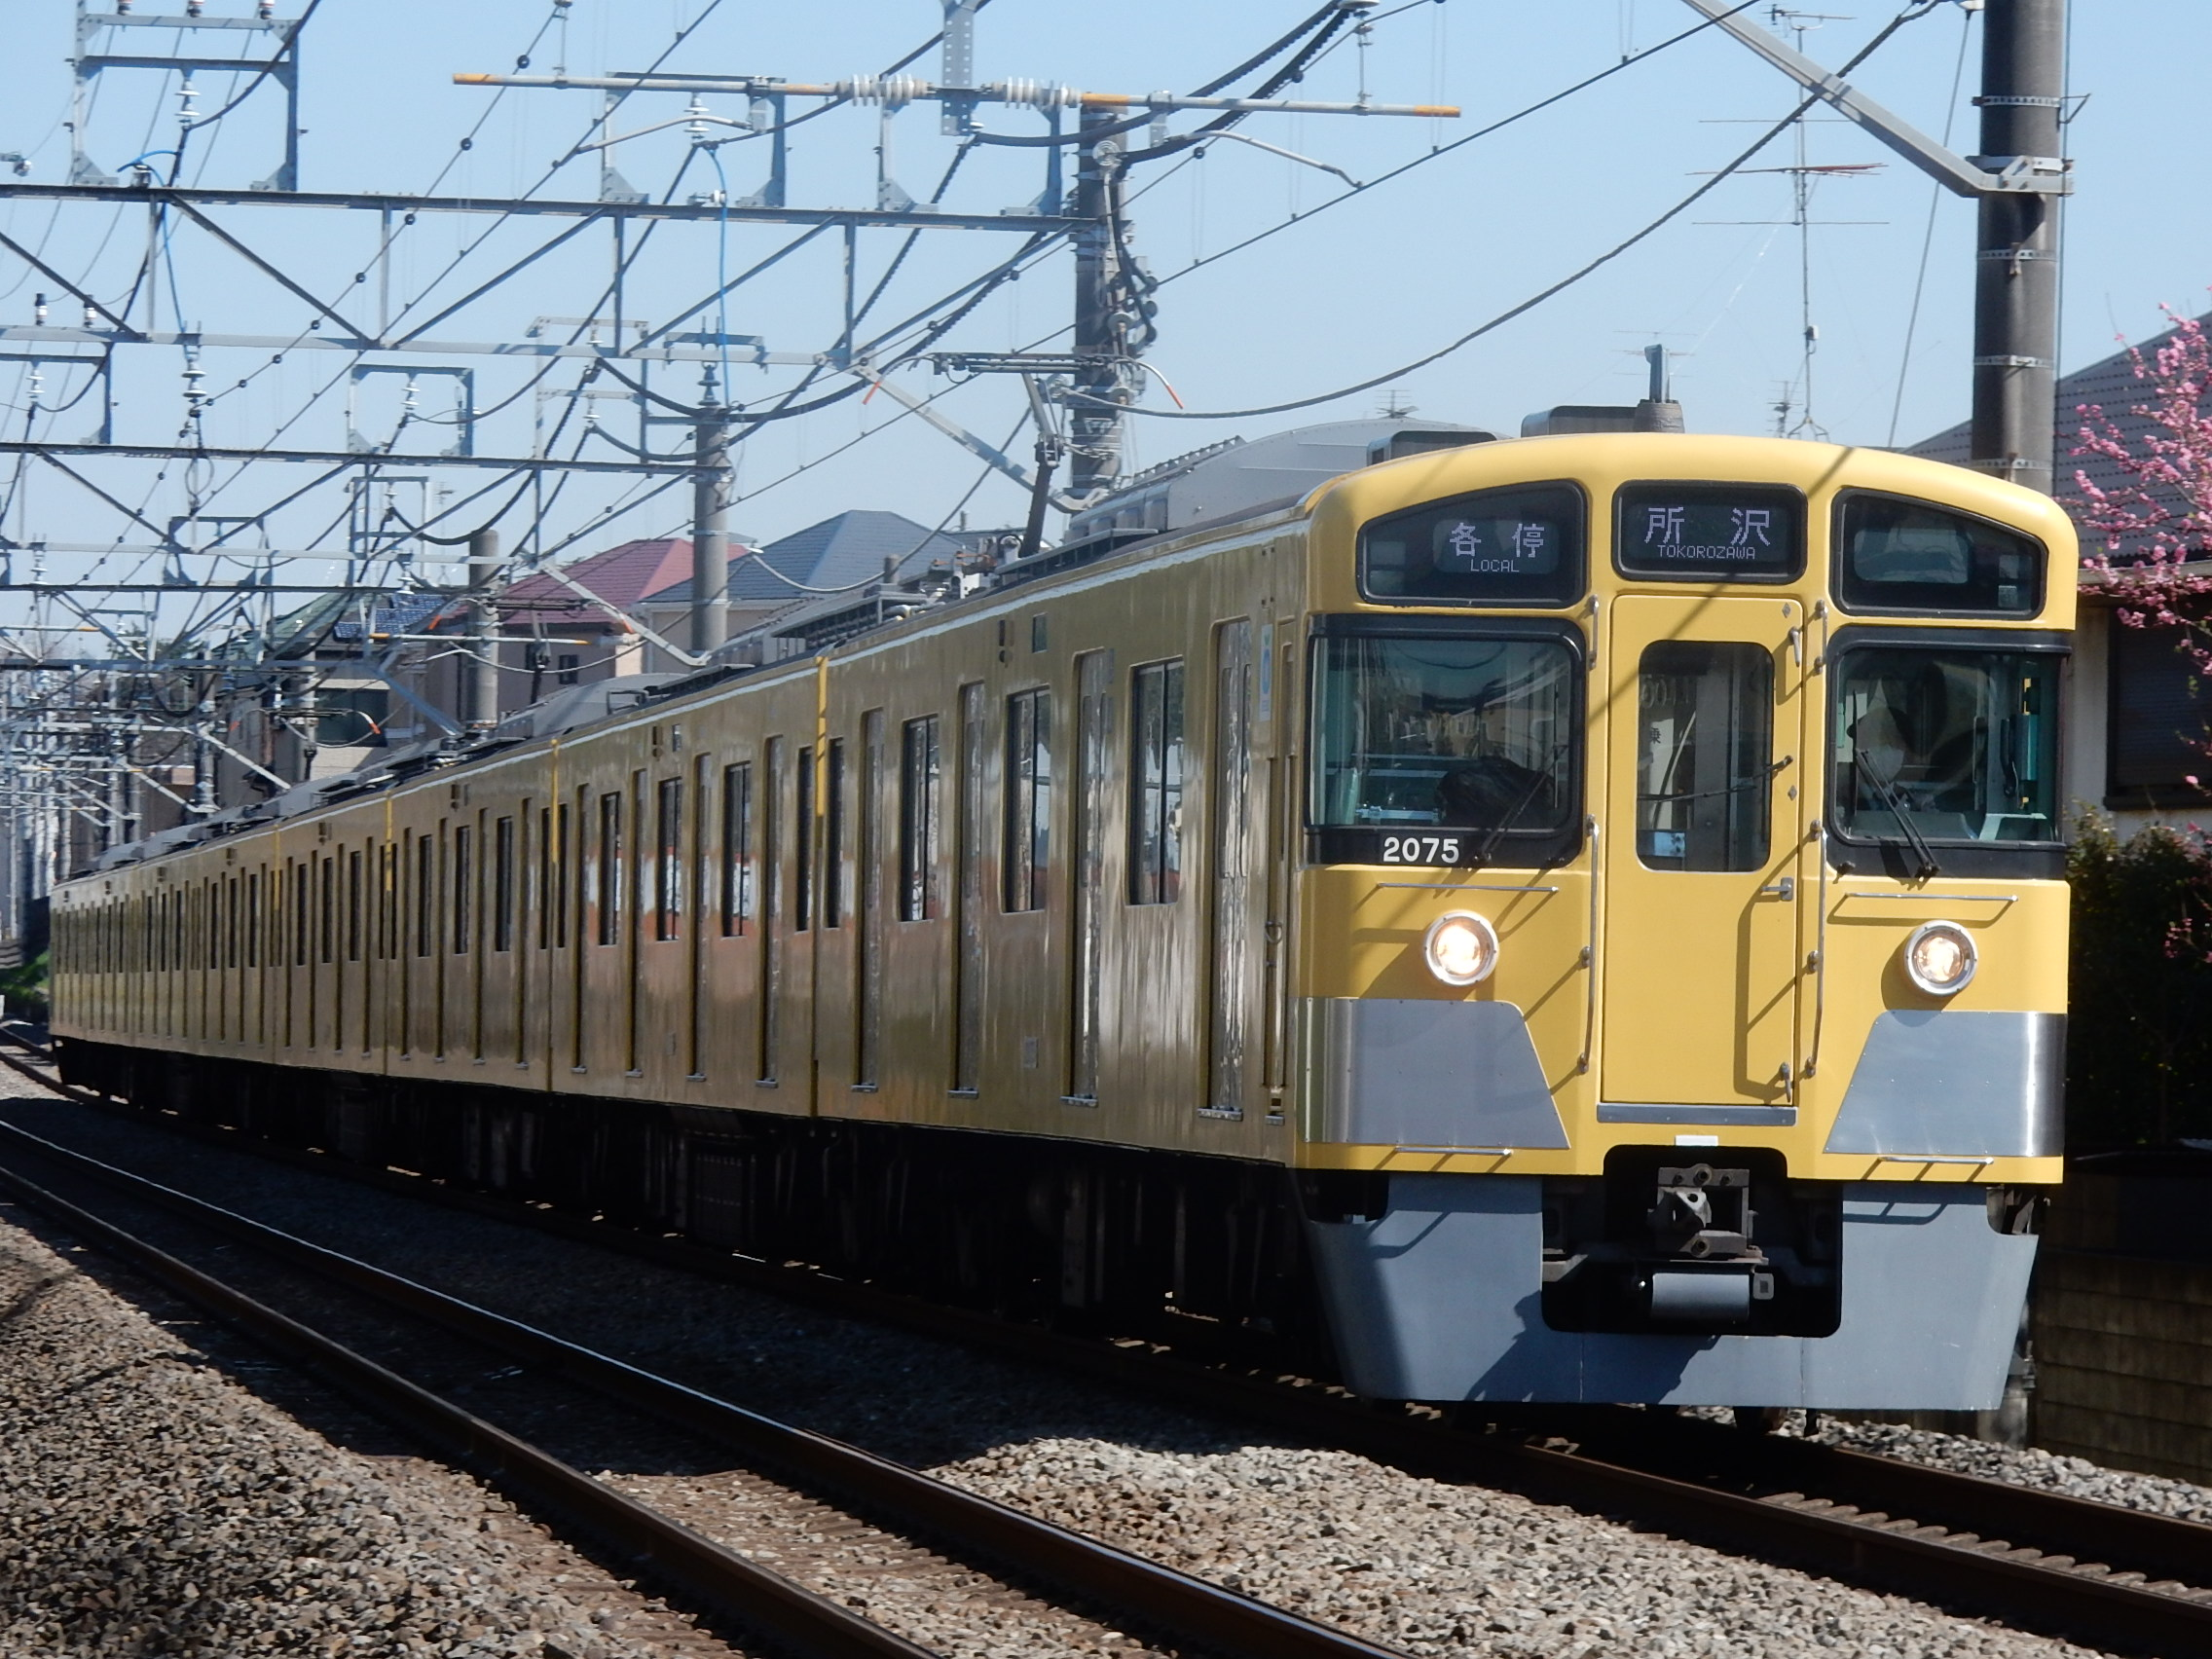 DSCN4898.jpg